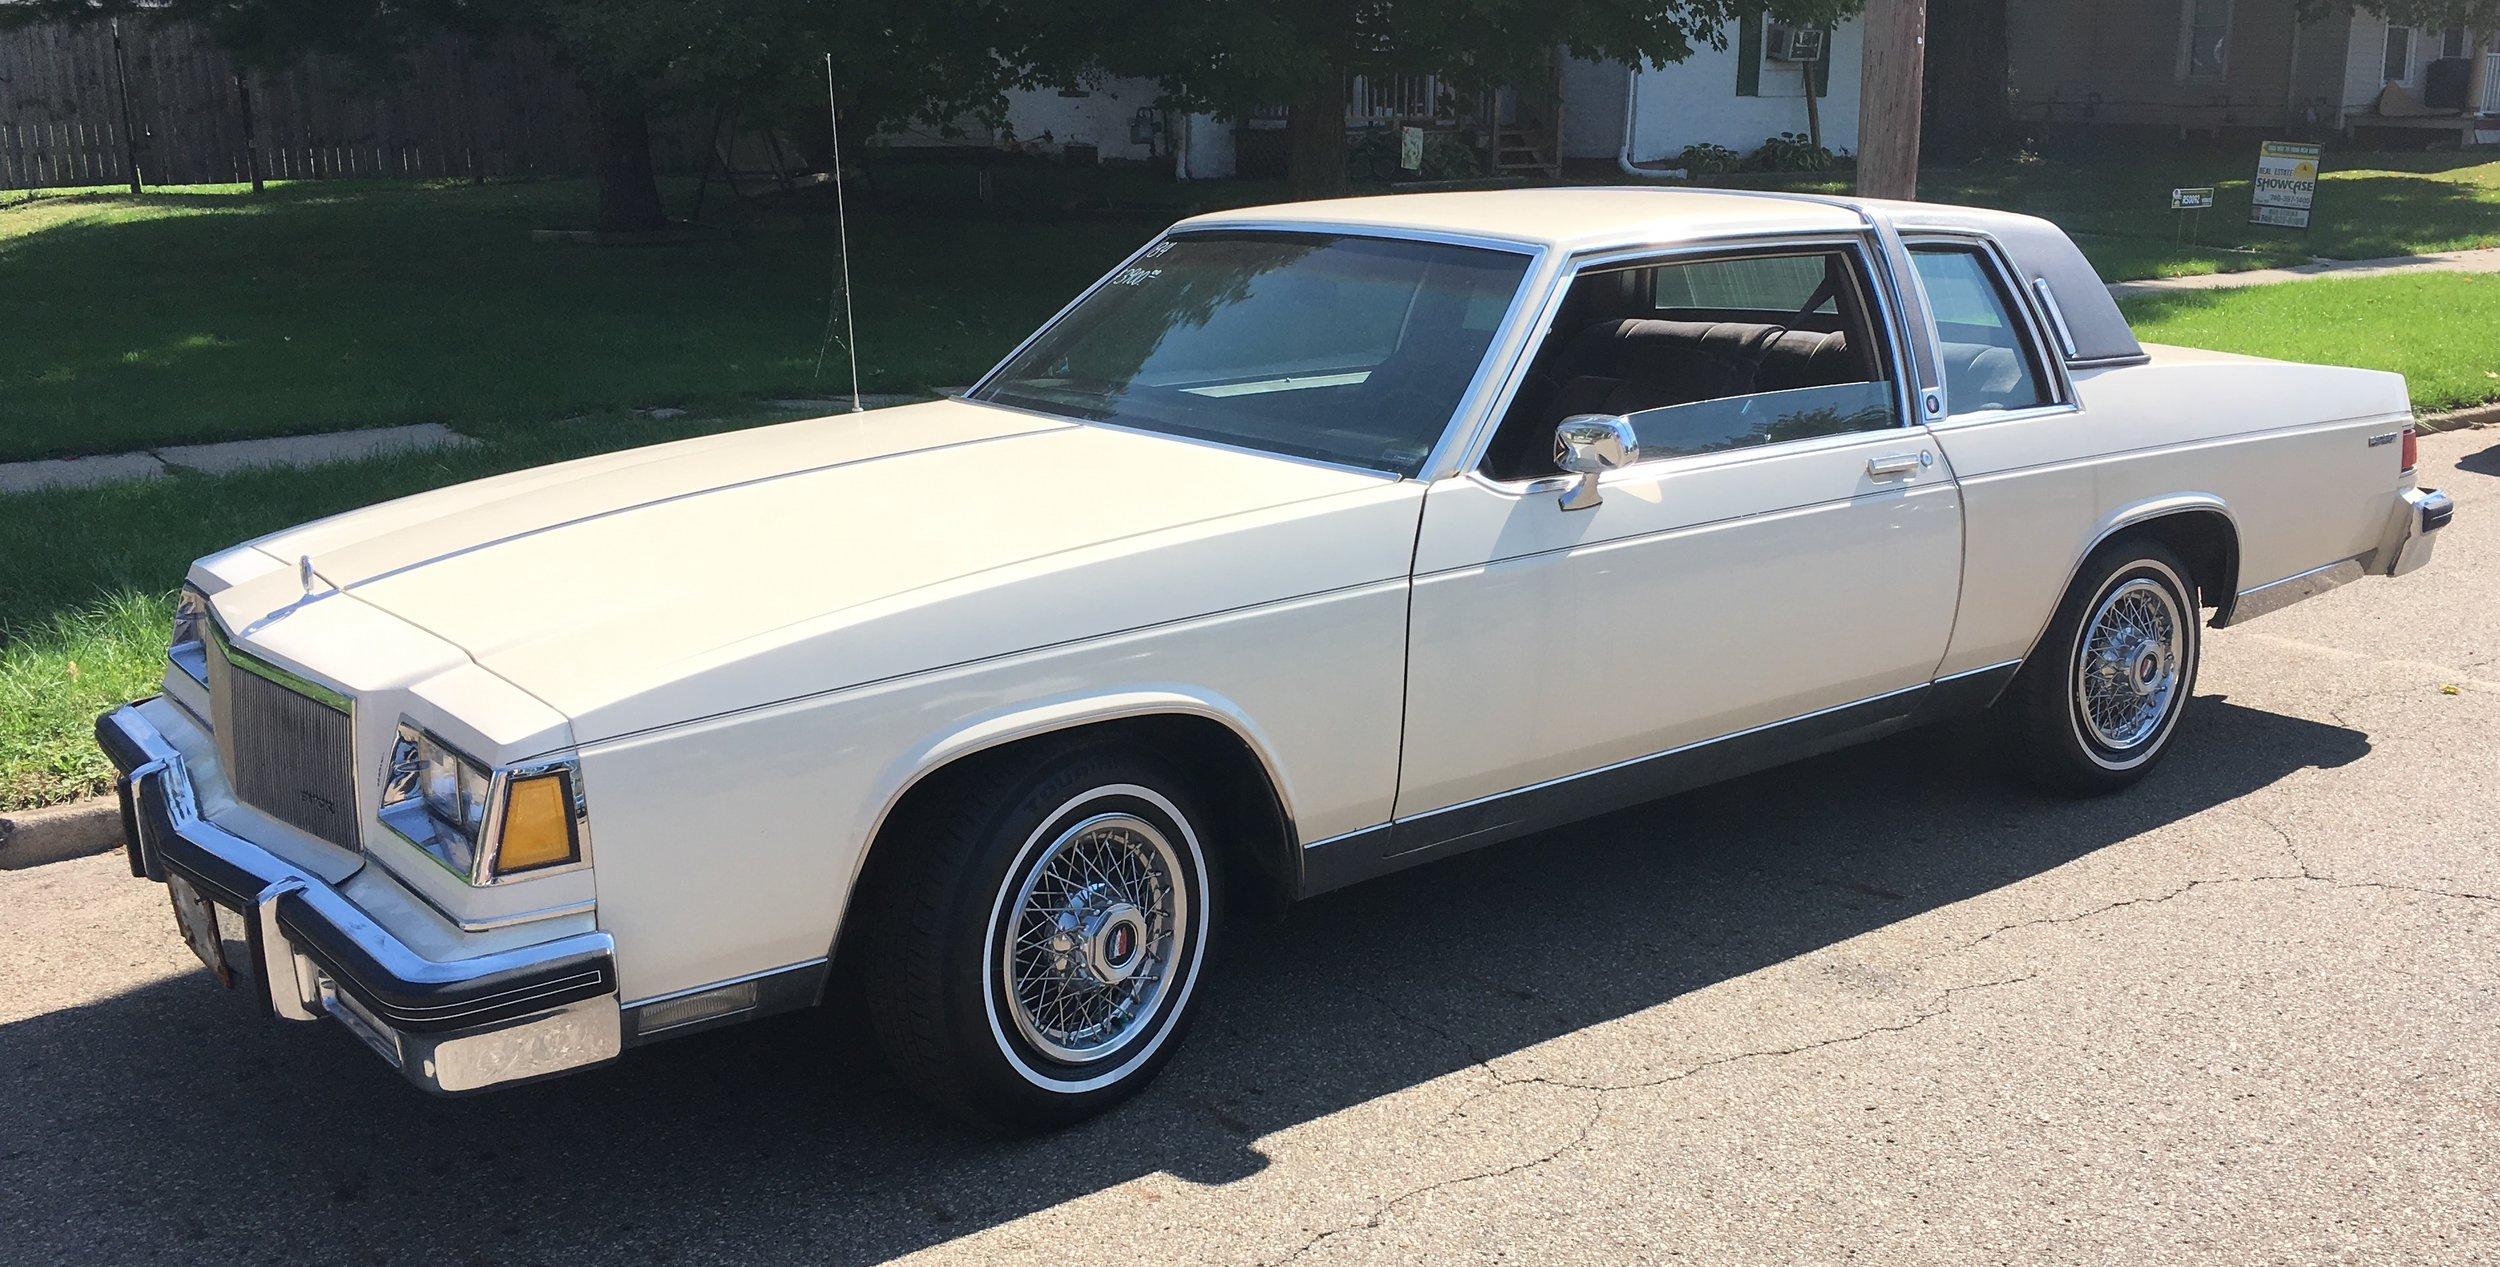 1984 Buick LeSabre